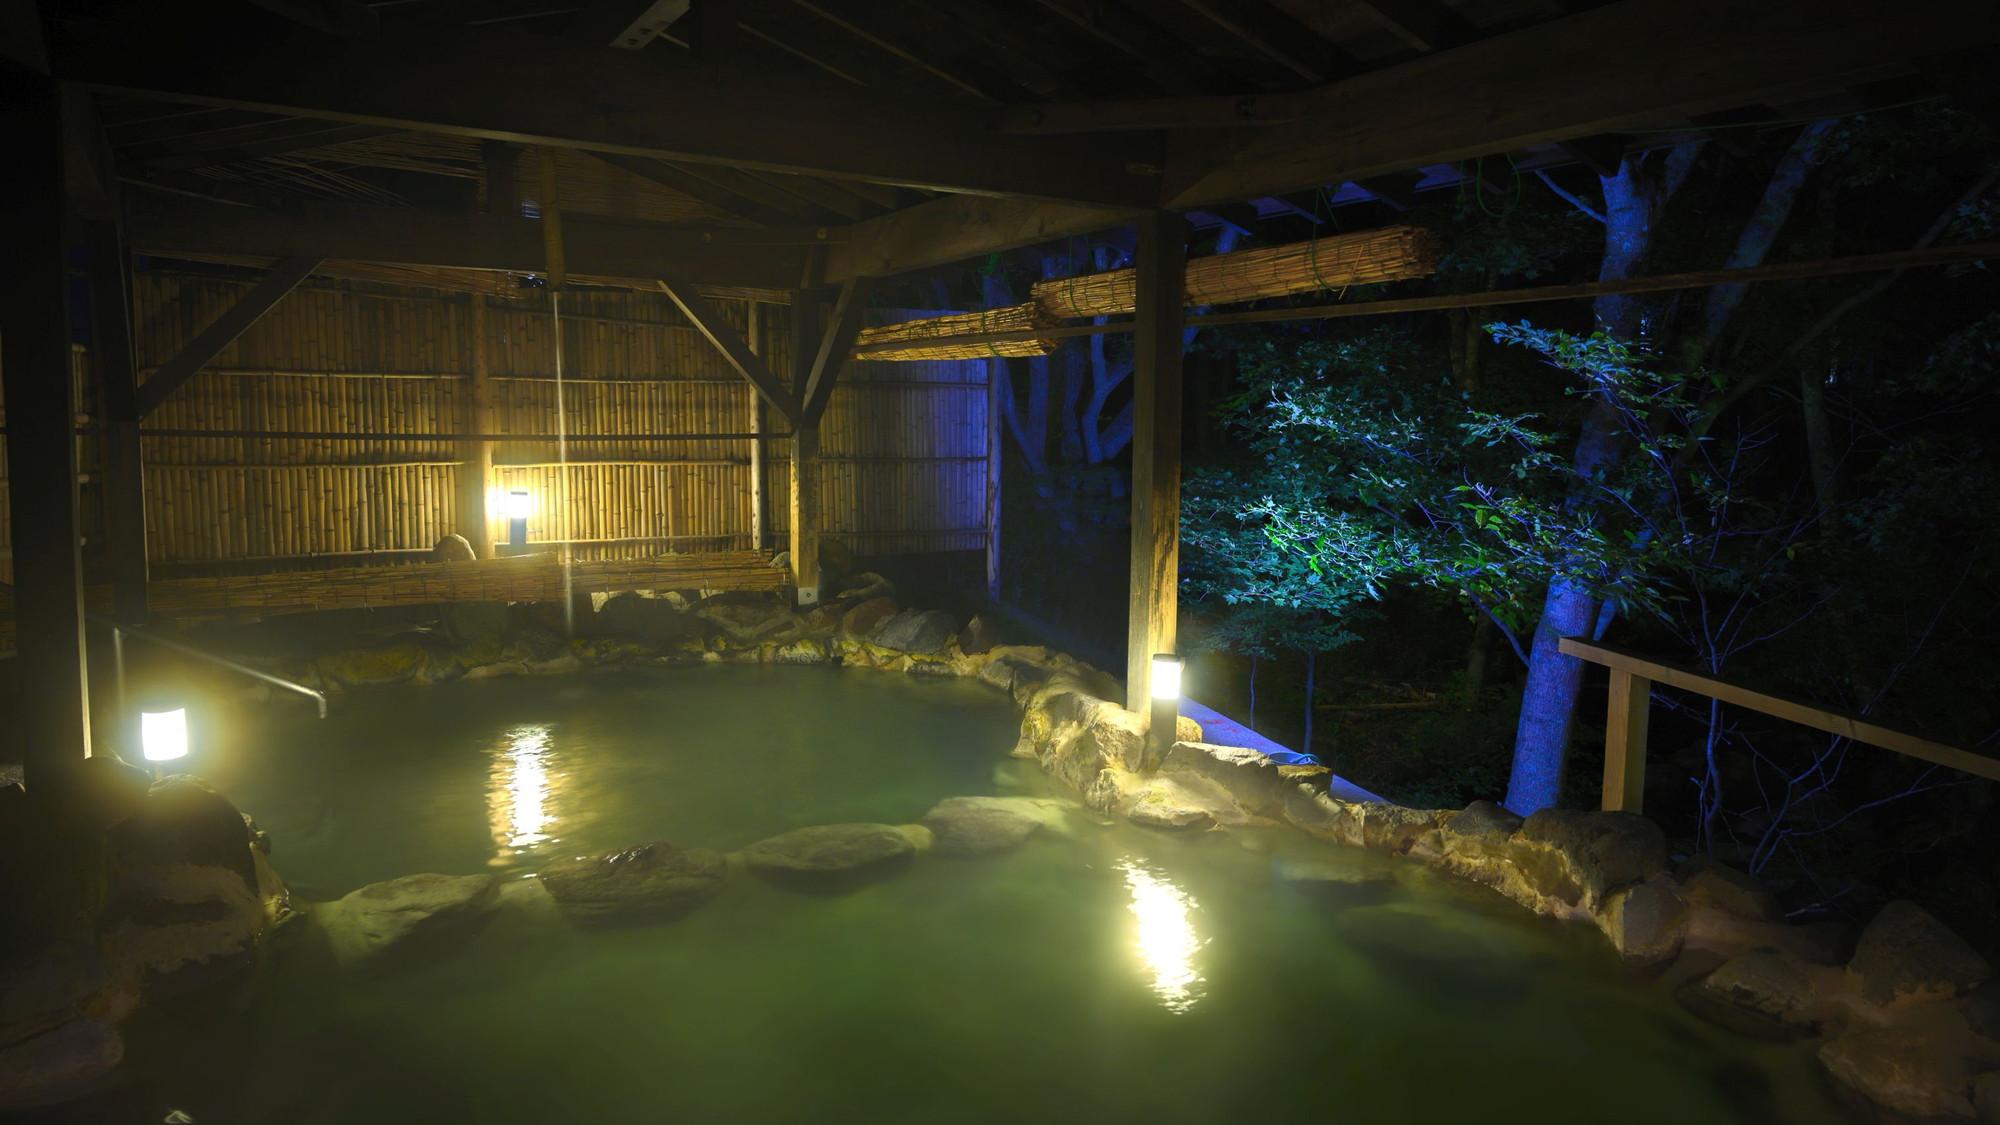 【かわせみの湯/大露天風呂】夜も湯気が立ち込める幻想的な雰囲気を味わえます。